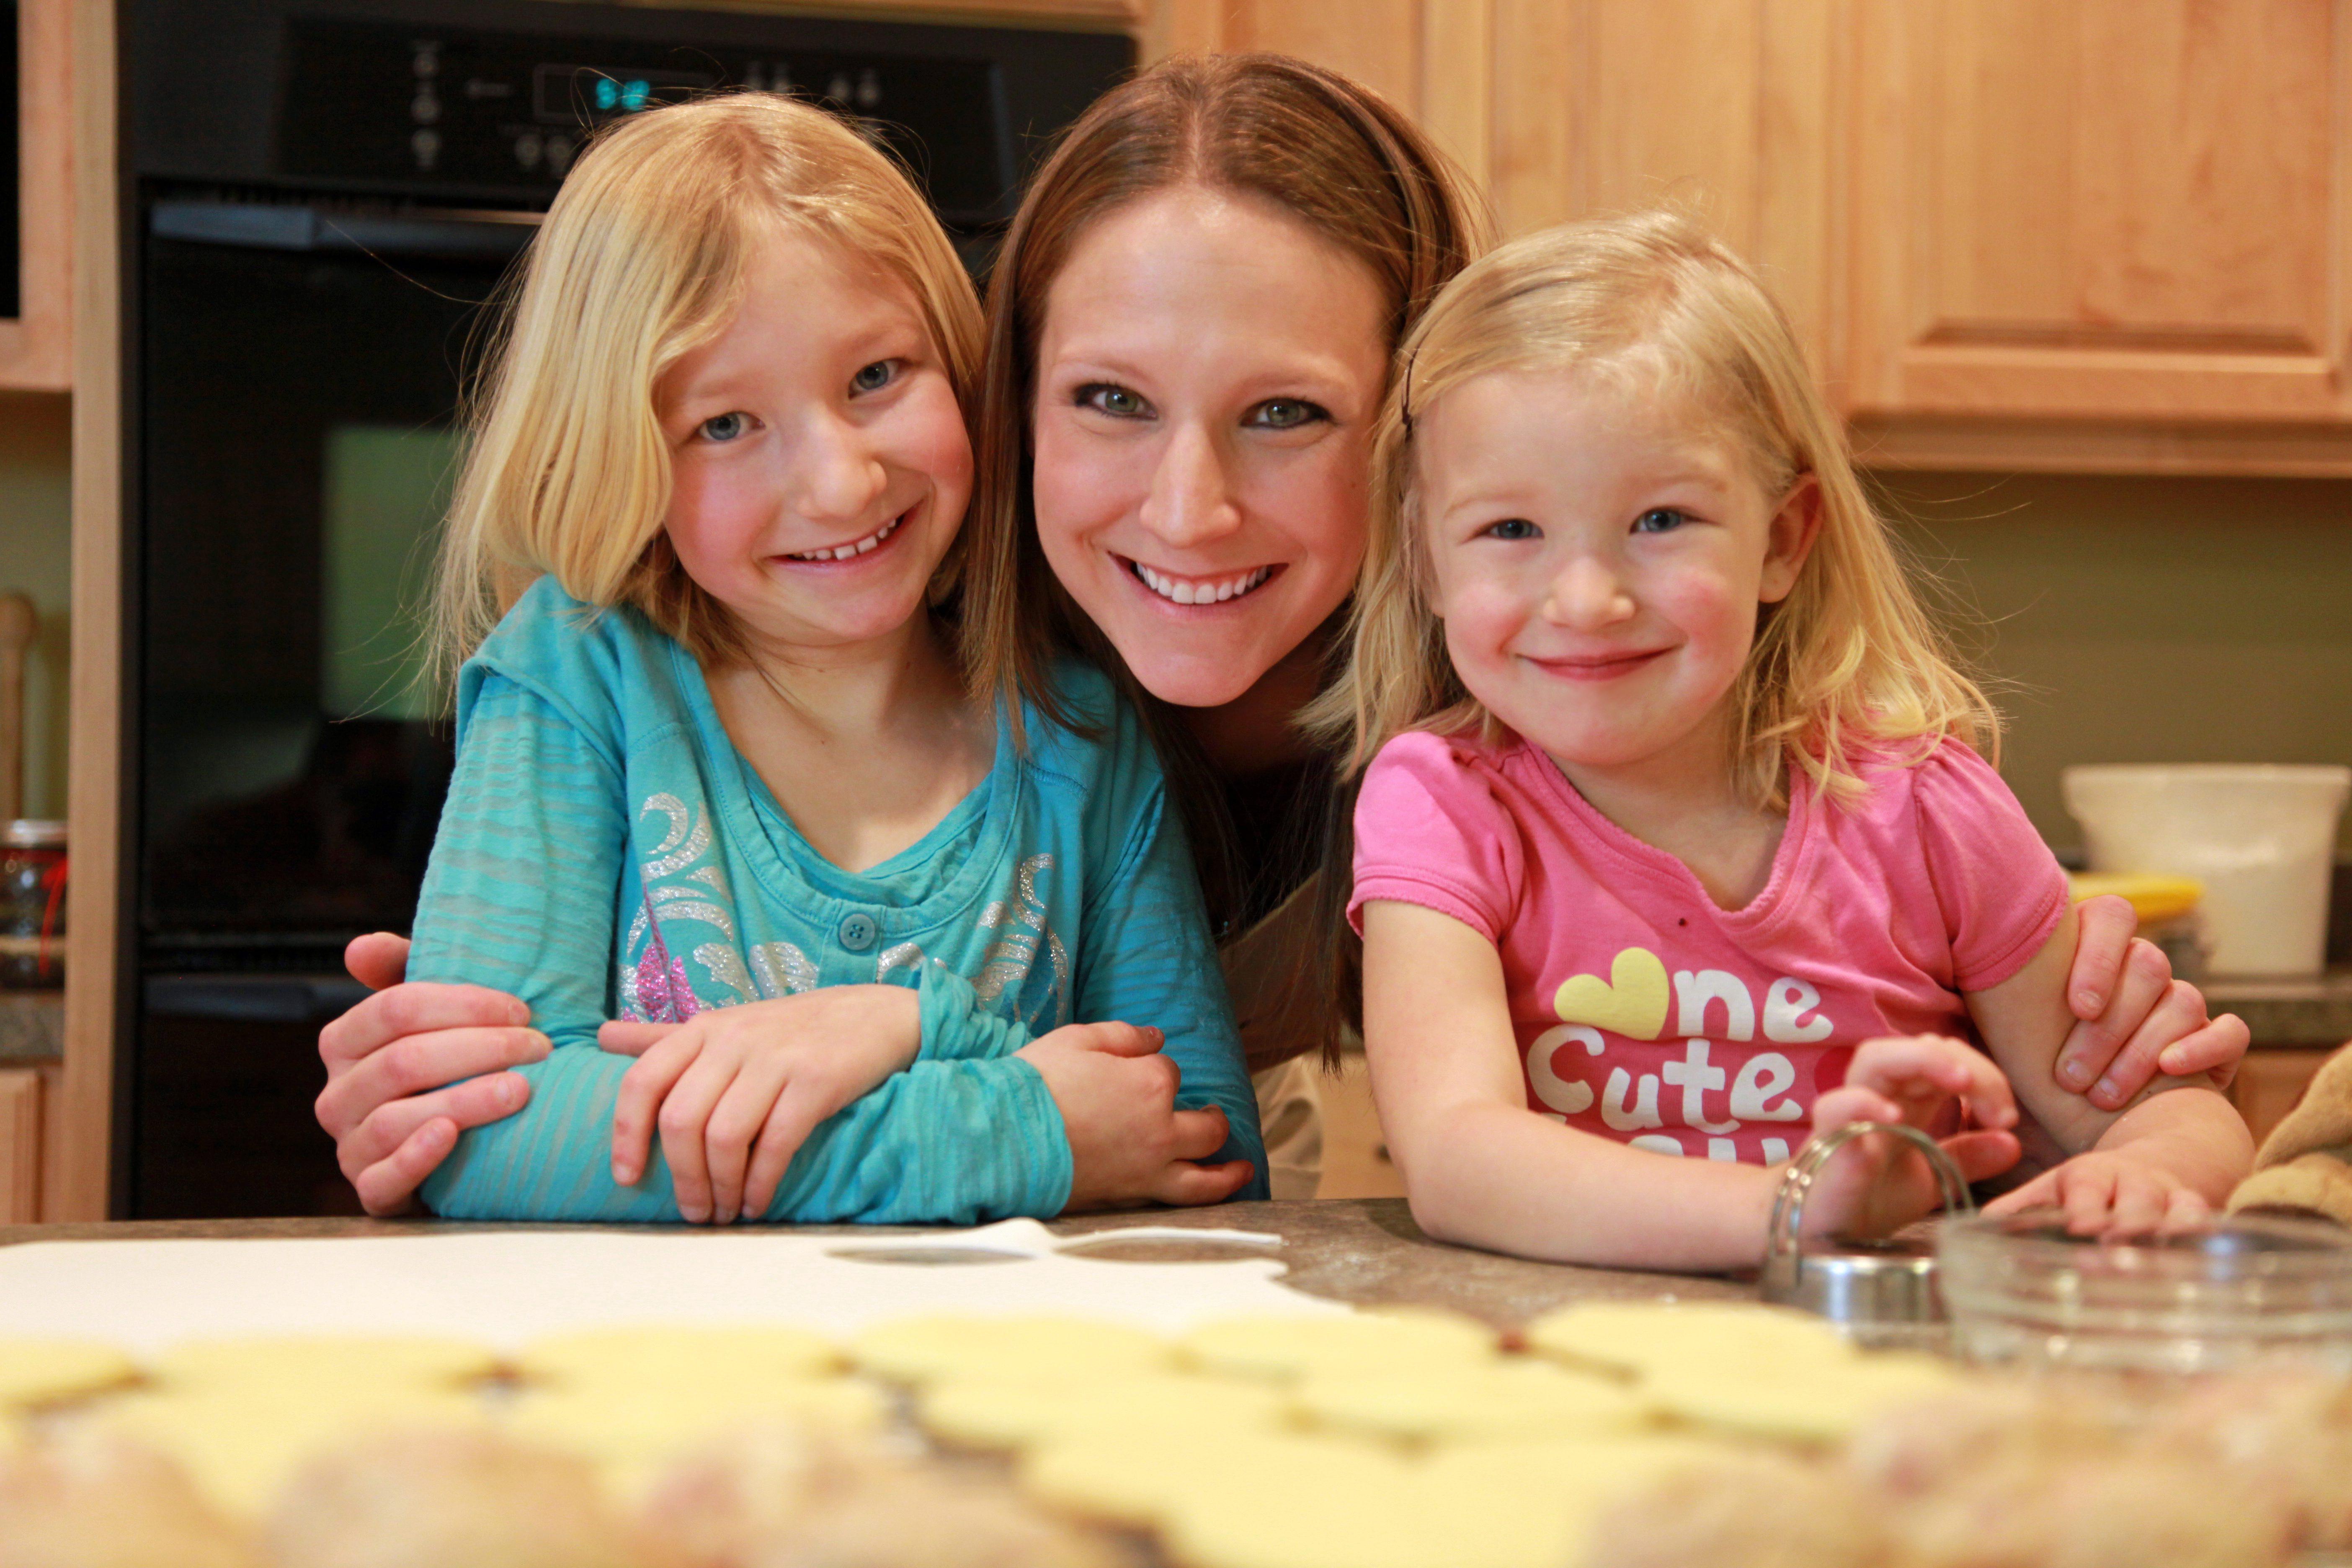 Deb and kids baking